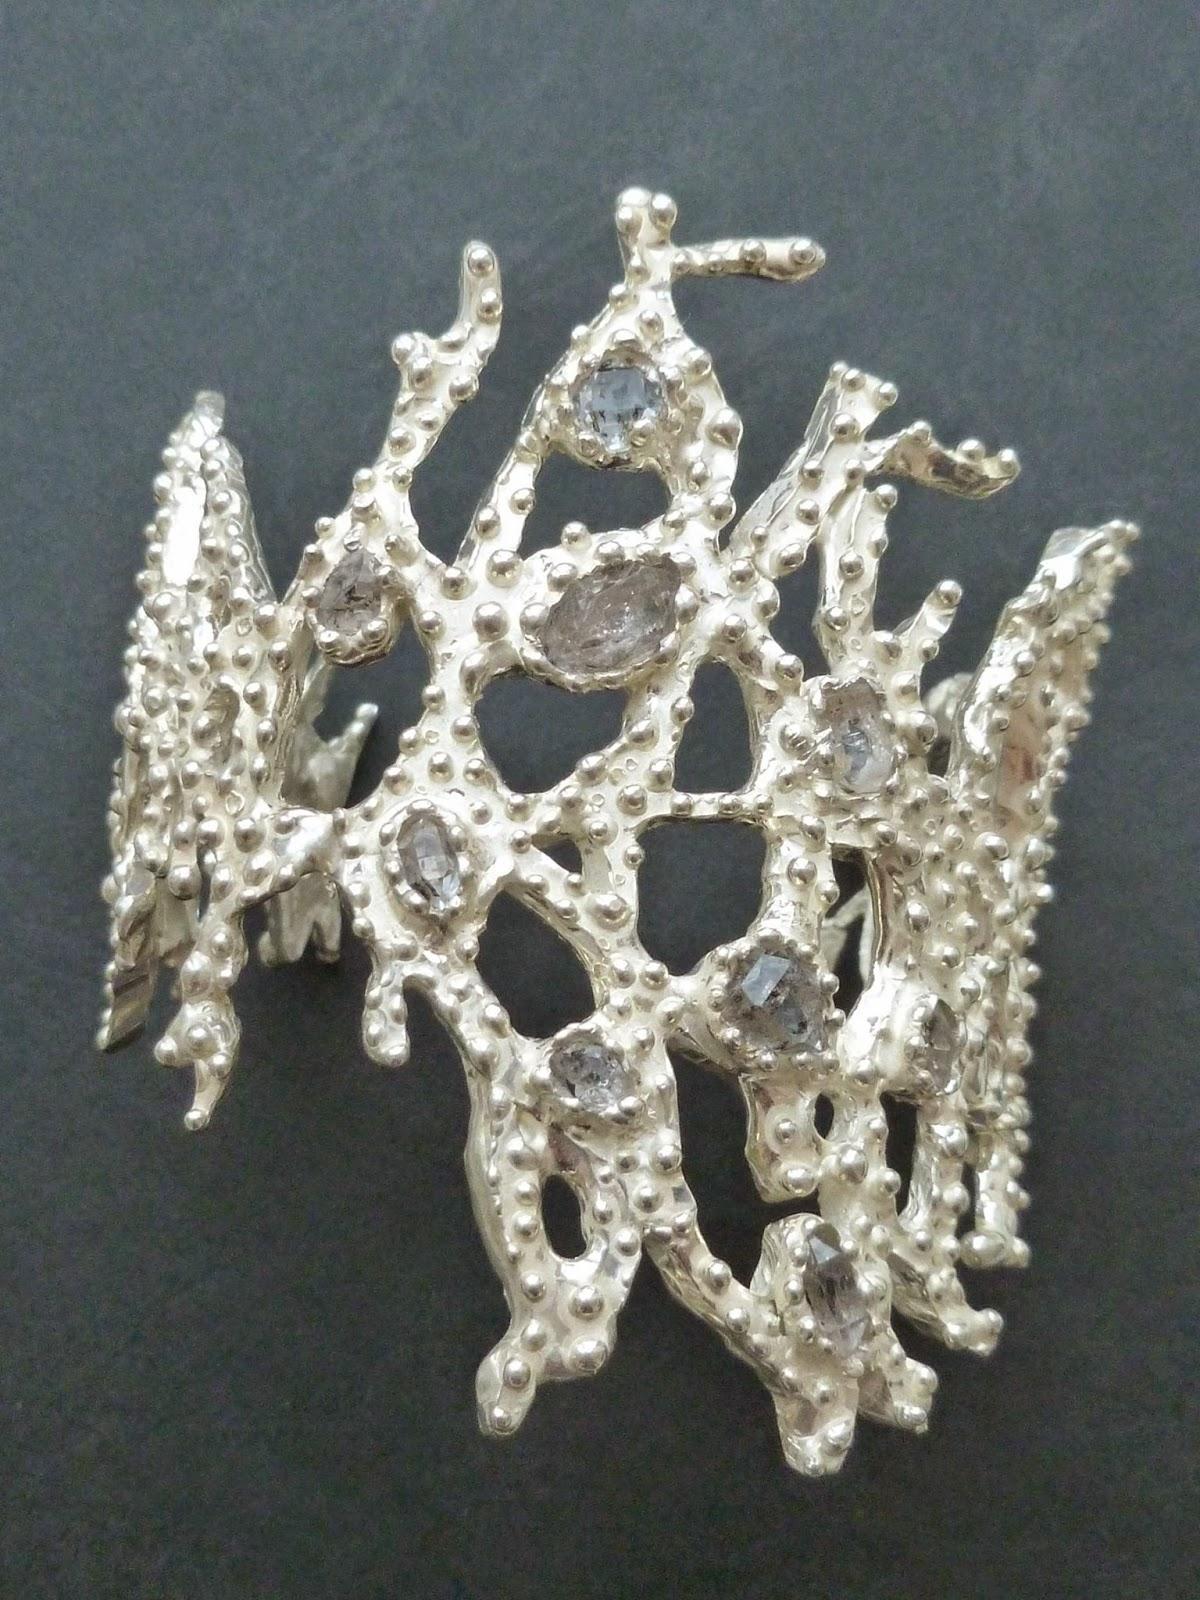 Coral bracciale in argento 925 e diamanti di Herkimer